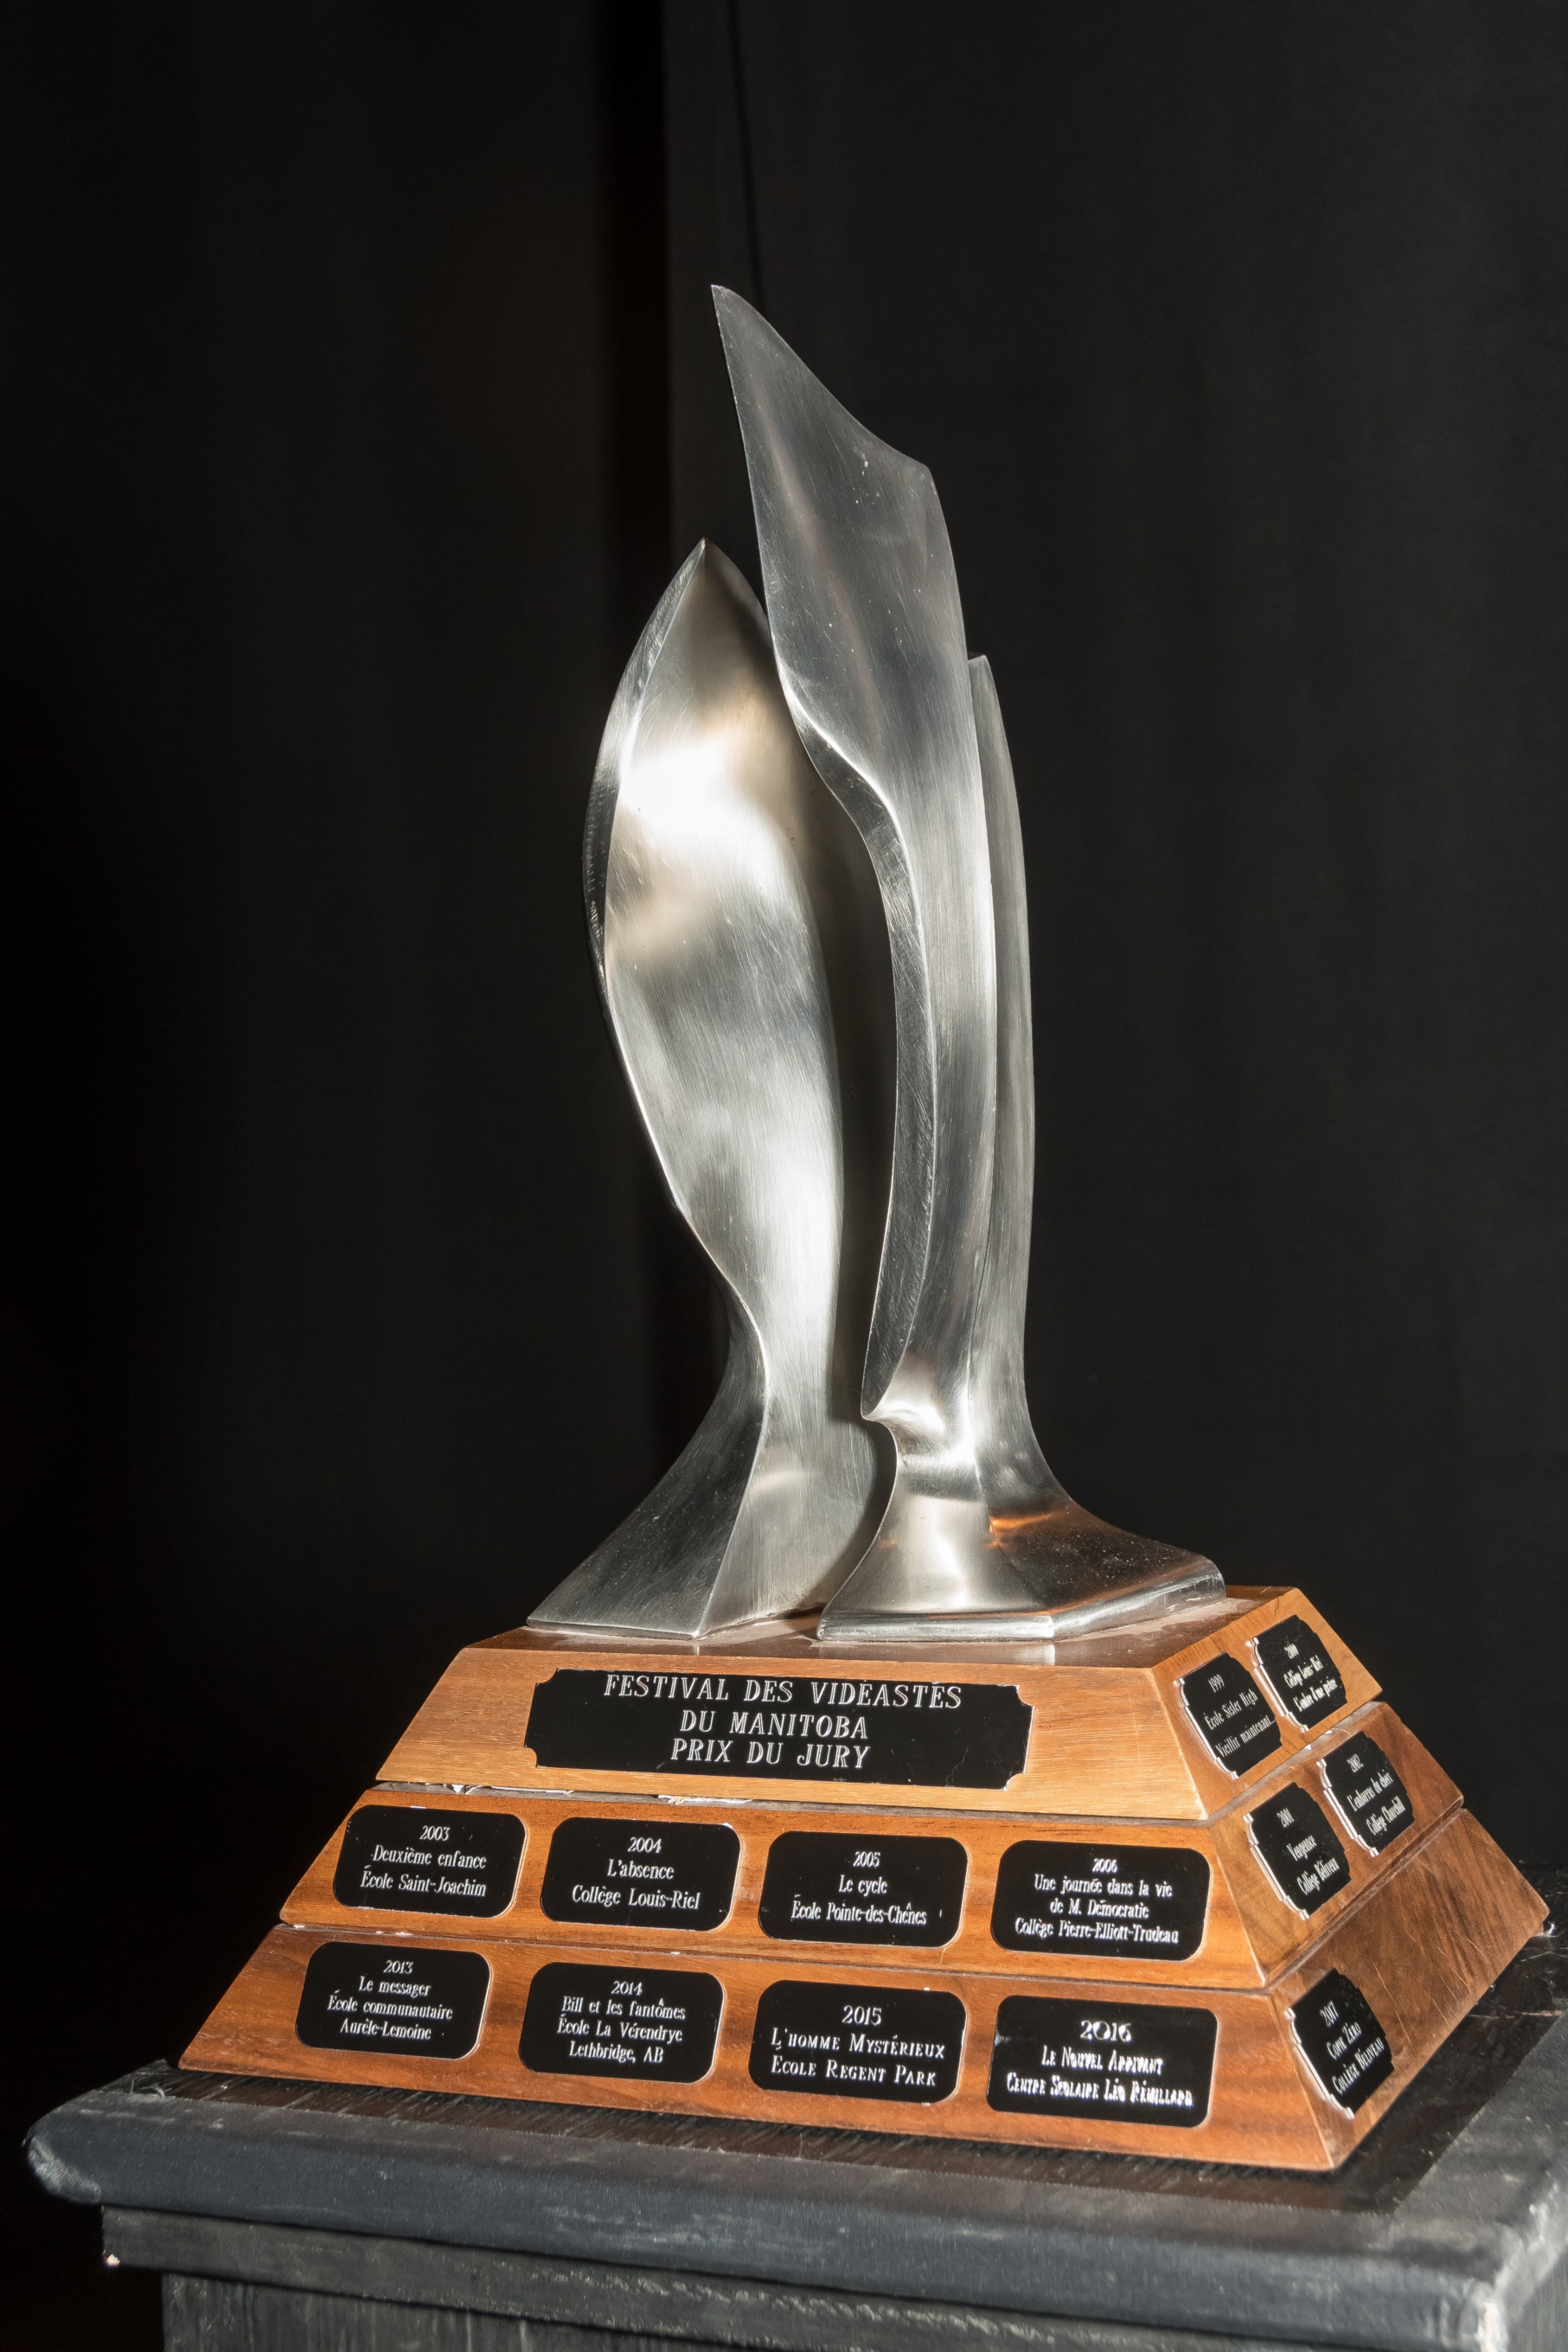 Le trophée du Festival des vidéastes du Manitoba -